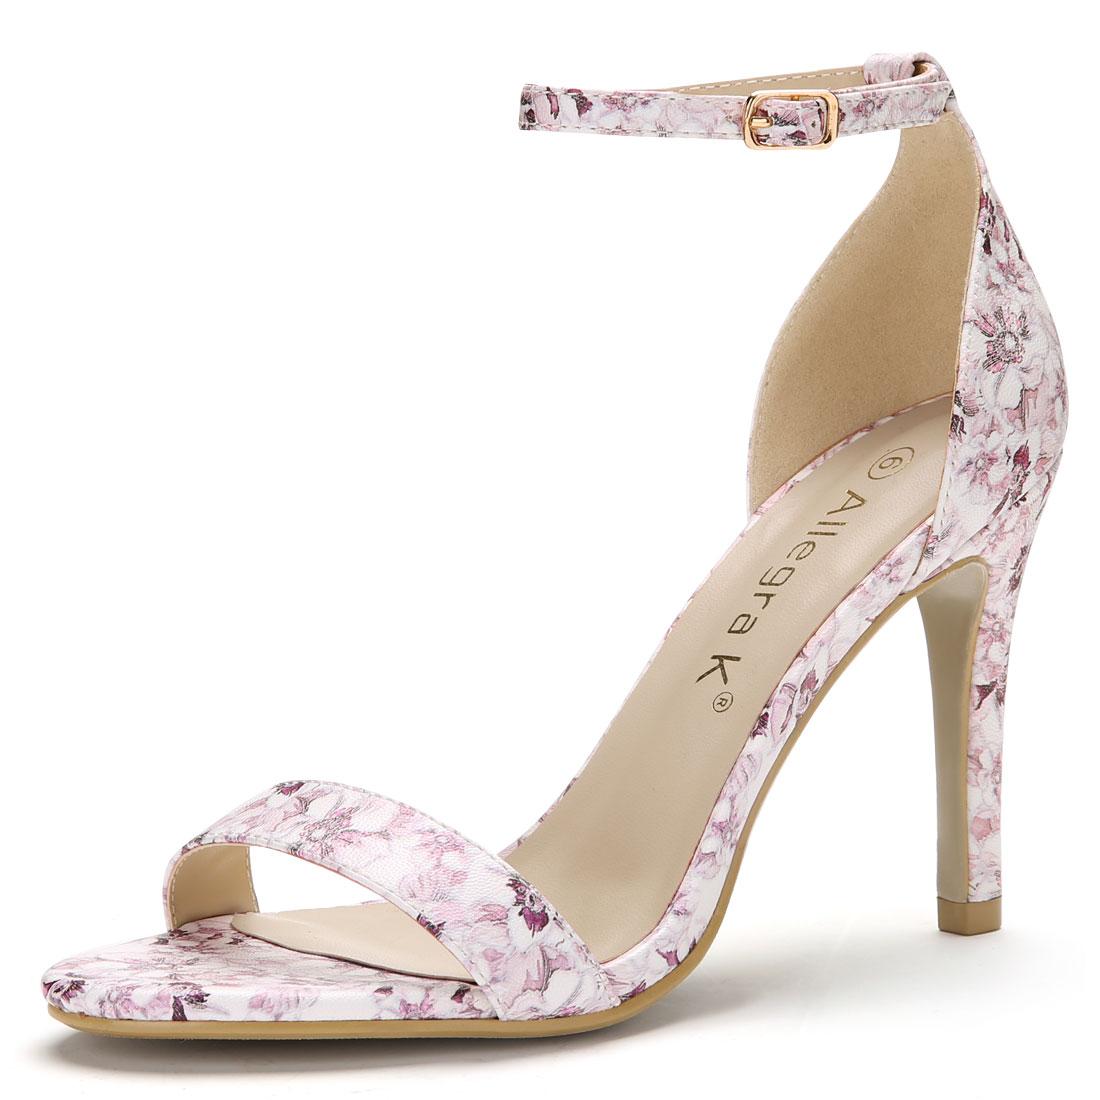 Women Floral Prints Stiletto Heel Ankle Strap Sandals Light Purple US 9